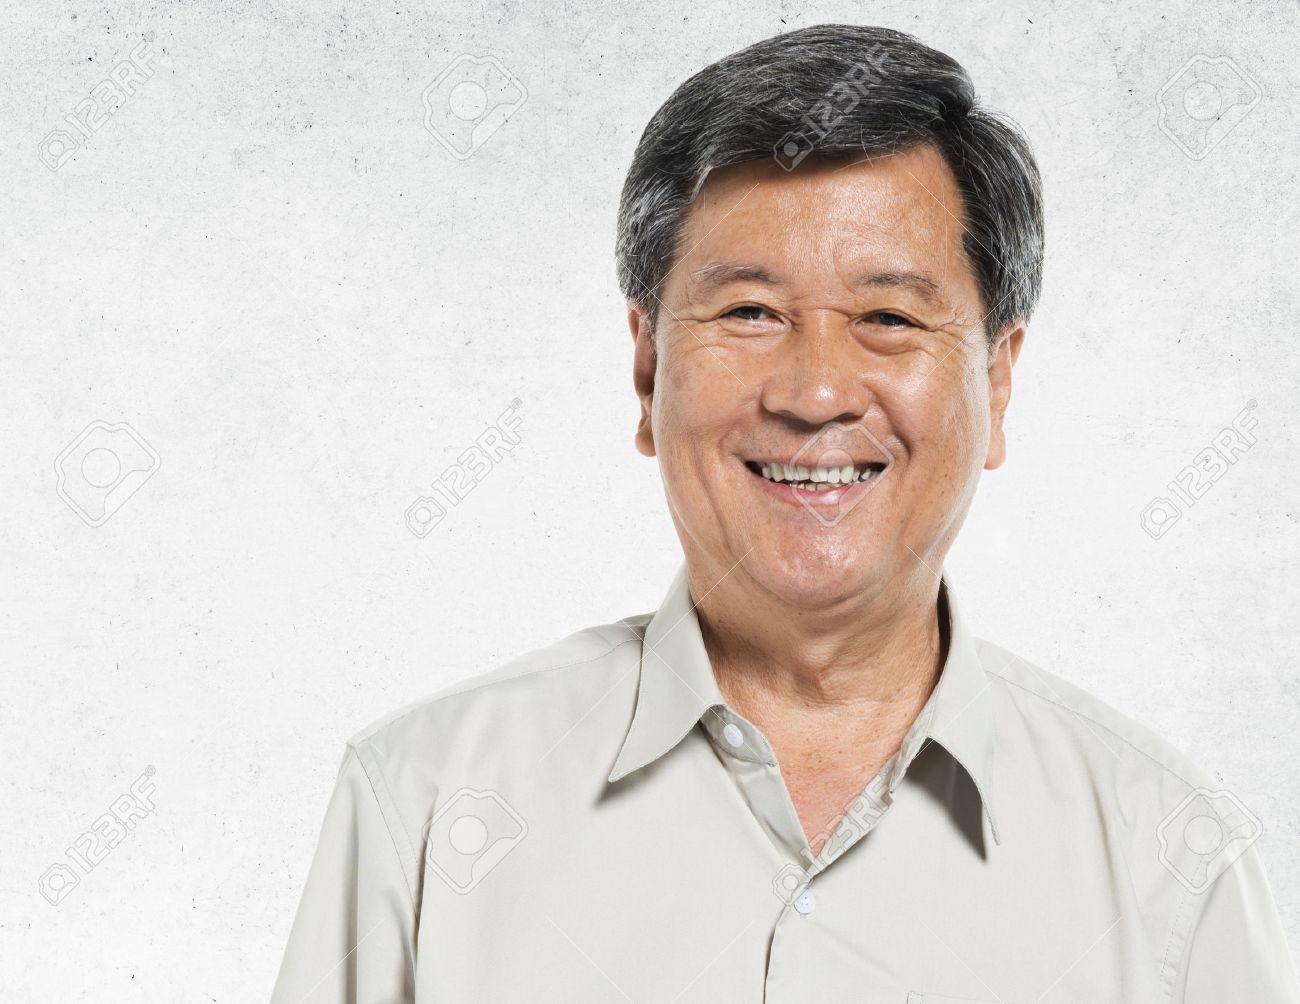 Asian man photography